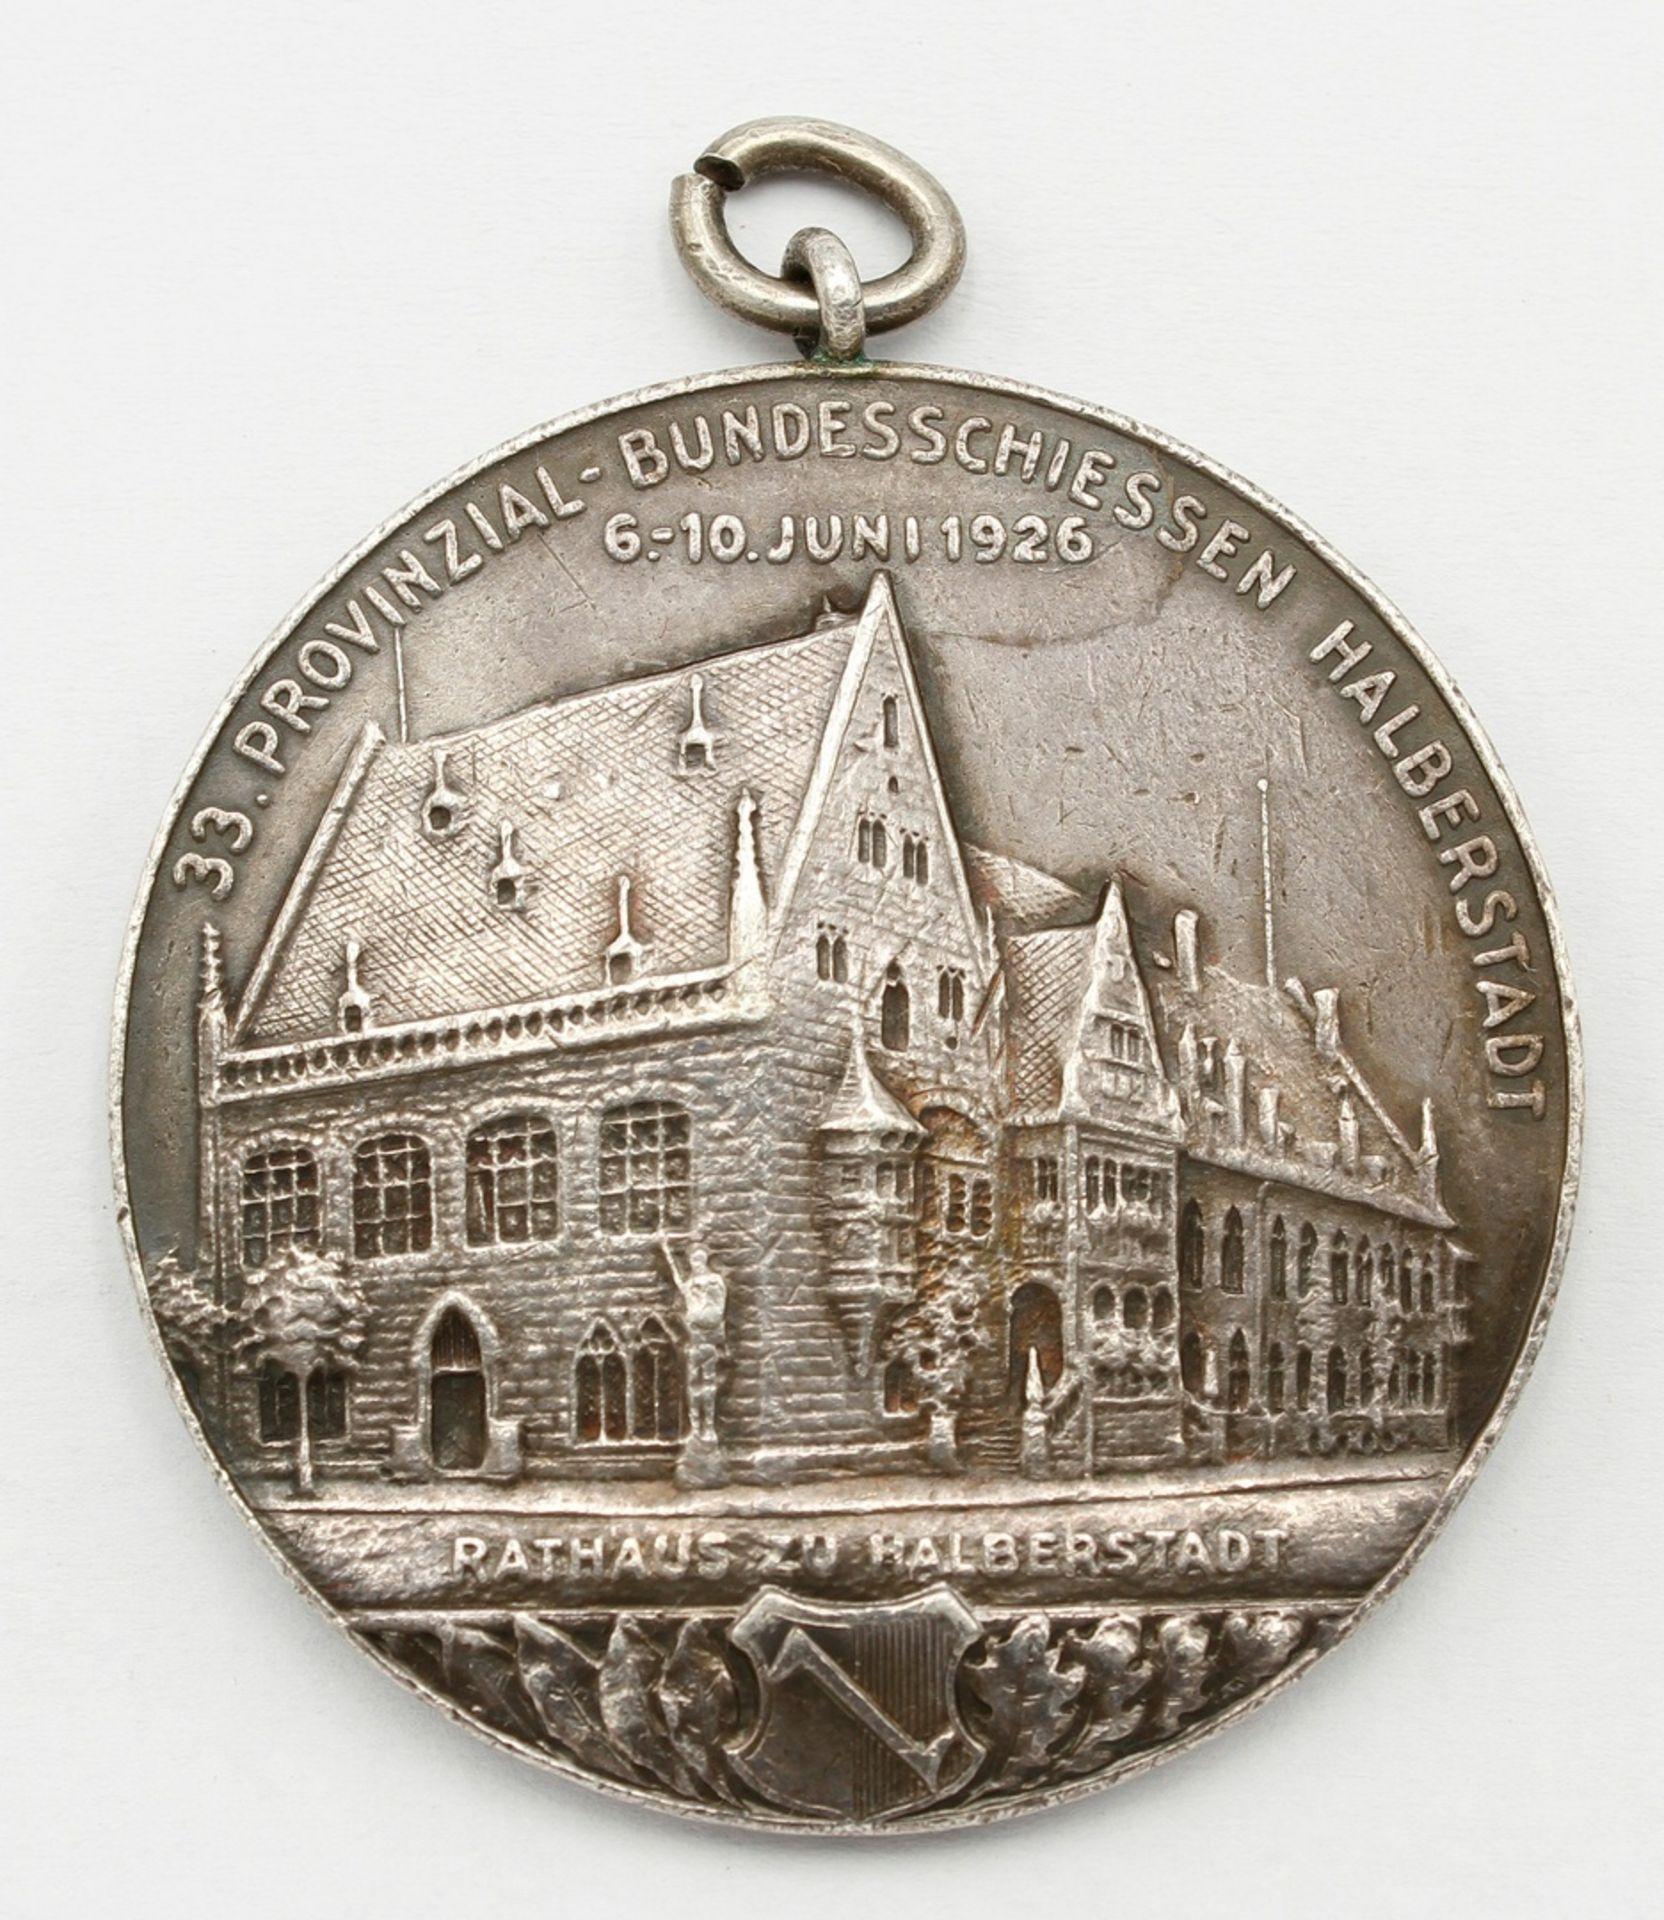 Medaille Halberstadt, 33. Provinzial-Bundesschiessen, 1926 - Bild 2 aus 2